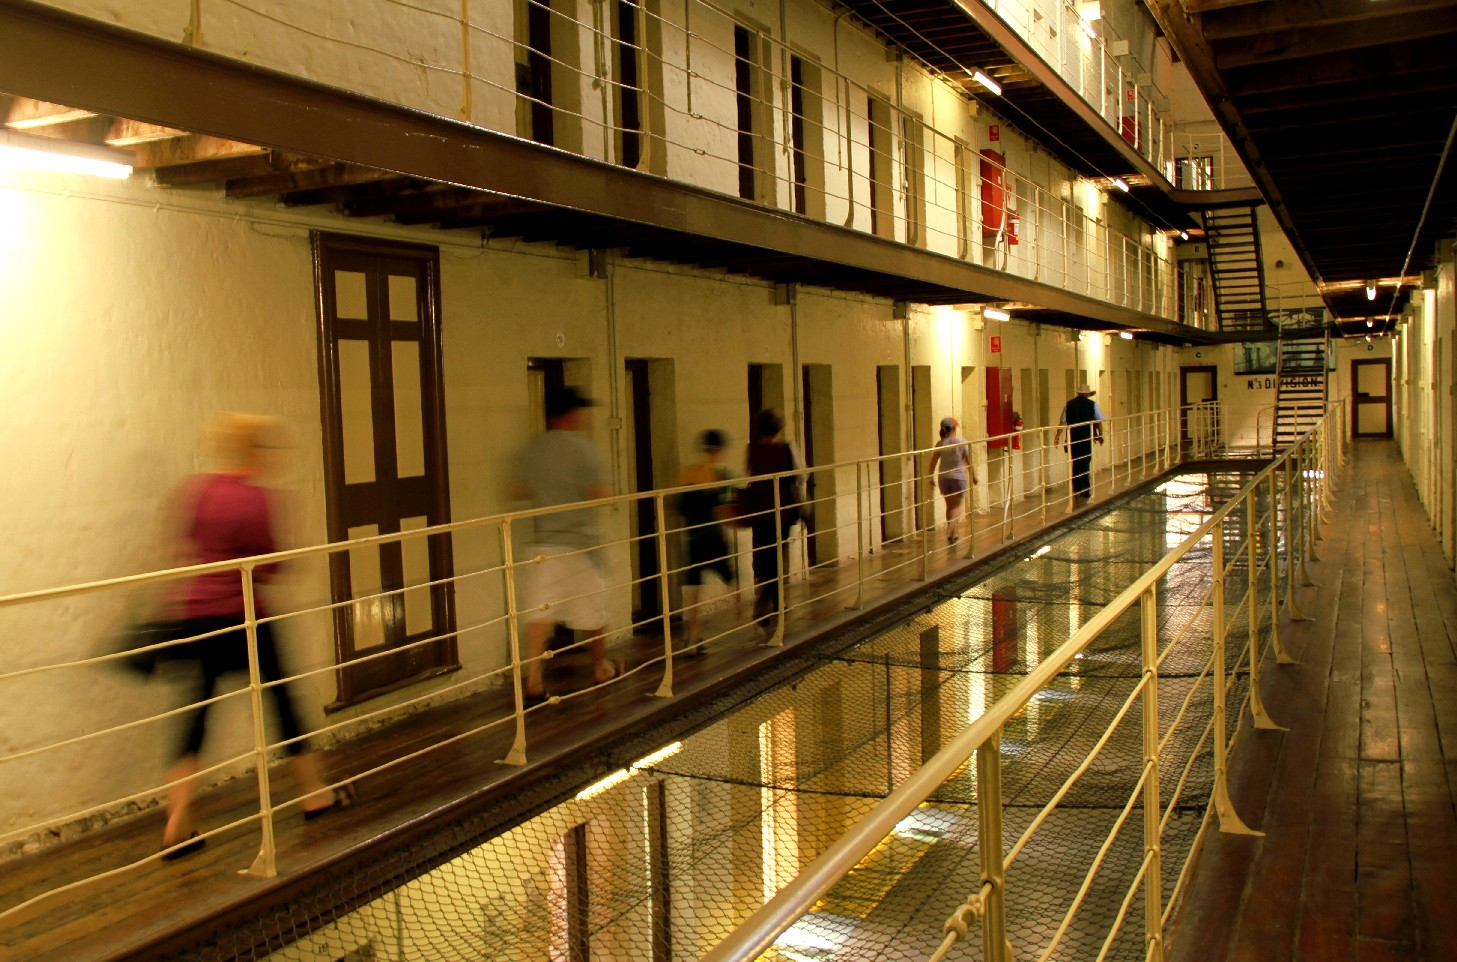 Vista de um dos pavilhões da Fremantle Prison, em Perth, na Austrália (foto: Eduardo Vessoni)